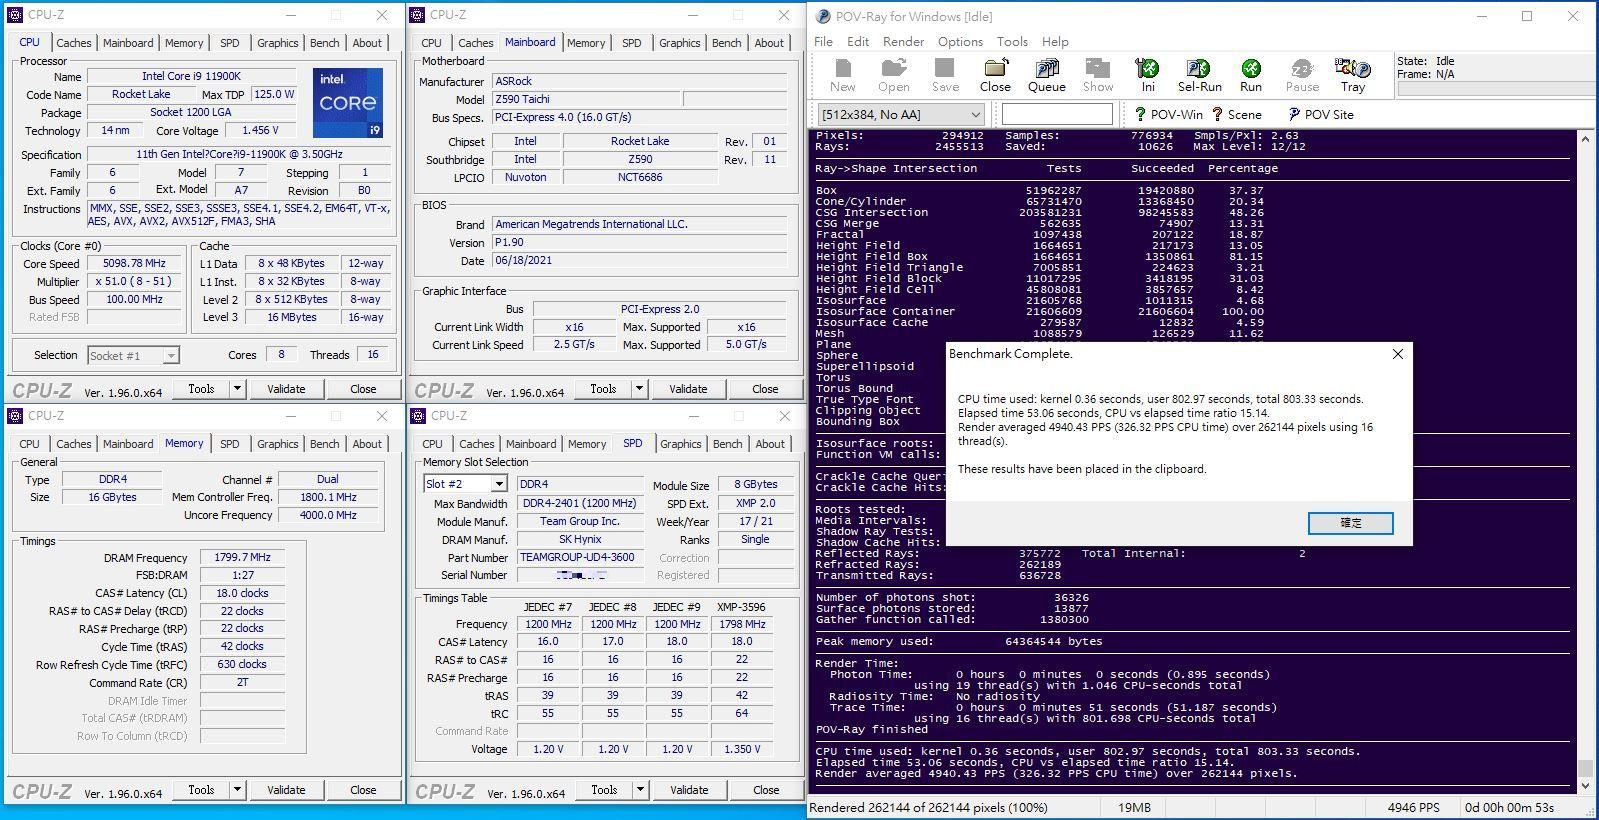 十銓T-FORCE XTREEM ARGB DDR4-3600 White Edition超頻記憶體-超美雪...4700